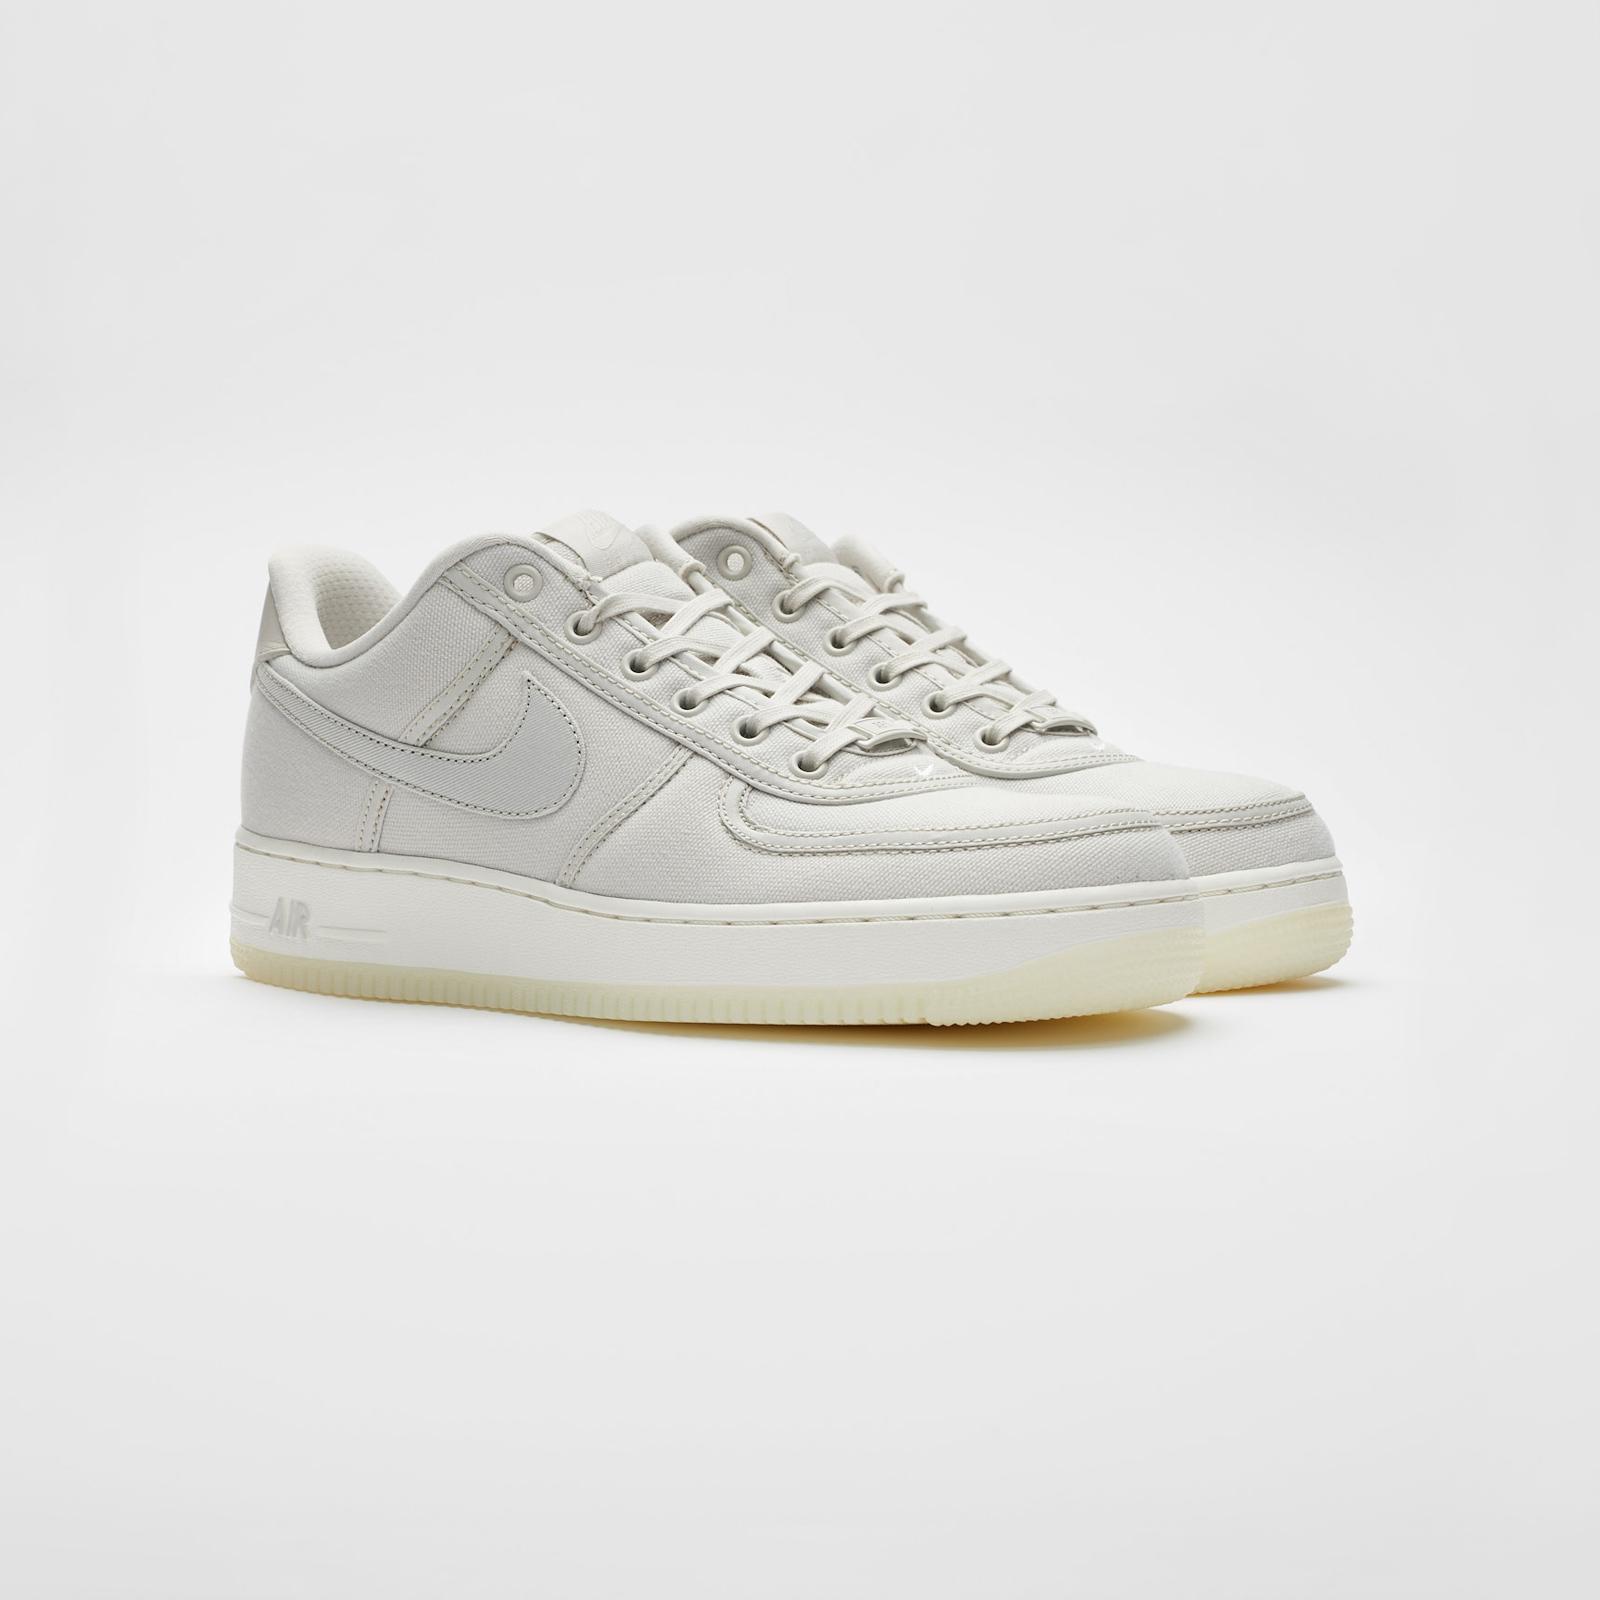 get cheap 32814 922fa Nike Sportswear Air Force 1 Low Retro QS Cnvs